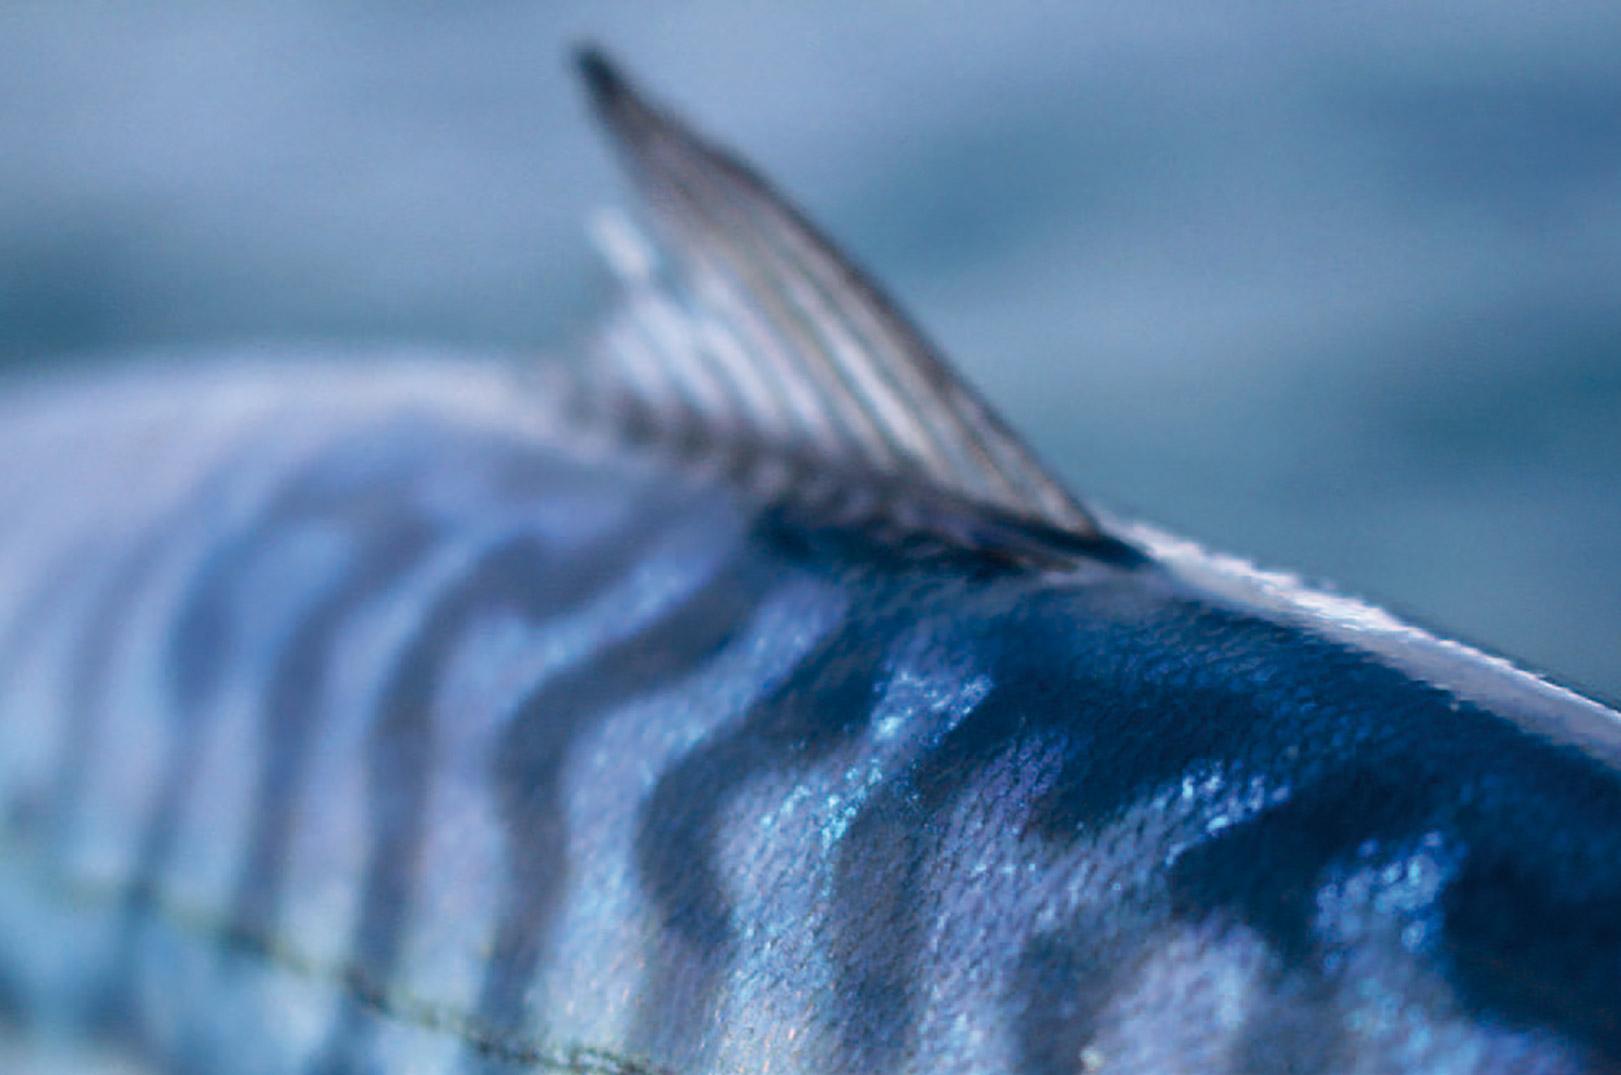 Tænk engang, - hver eneste makrel har sit mønster. Præcis som en stregkode.